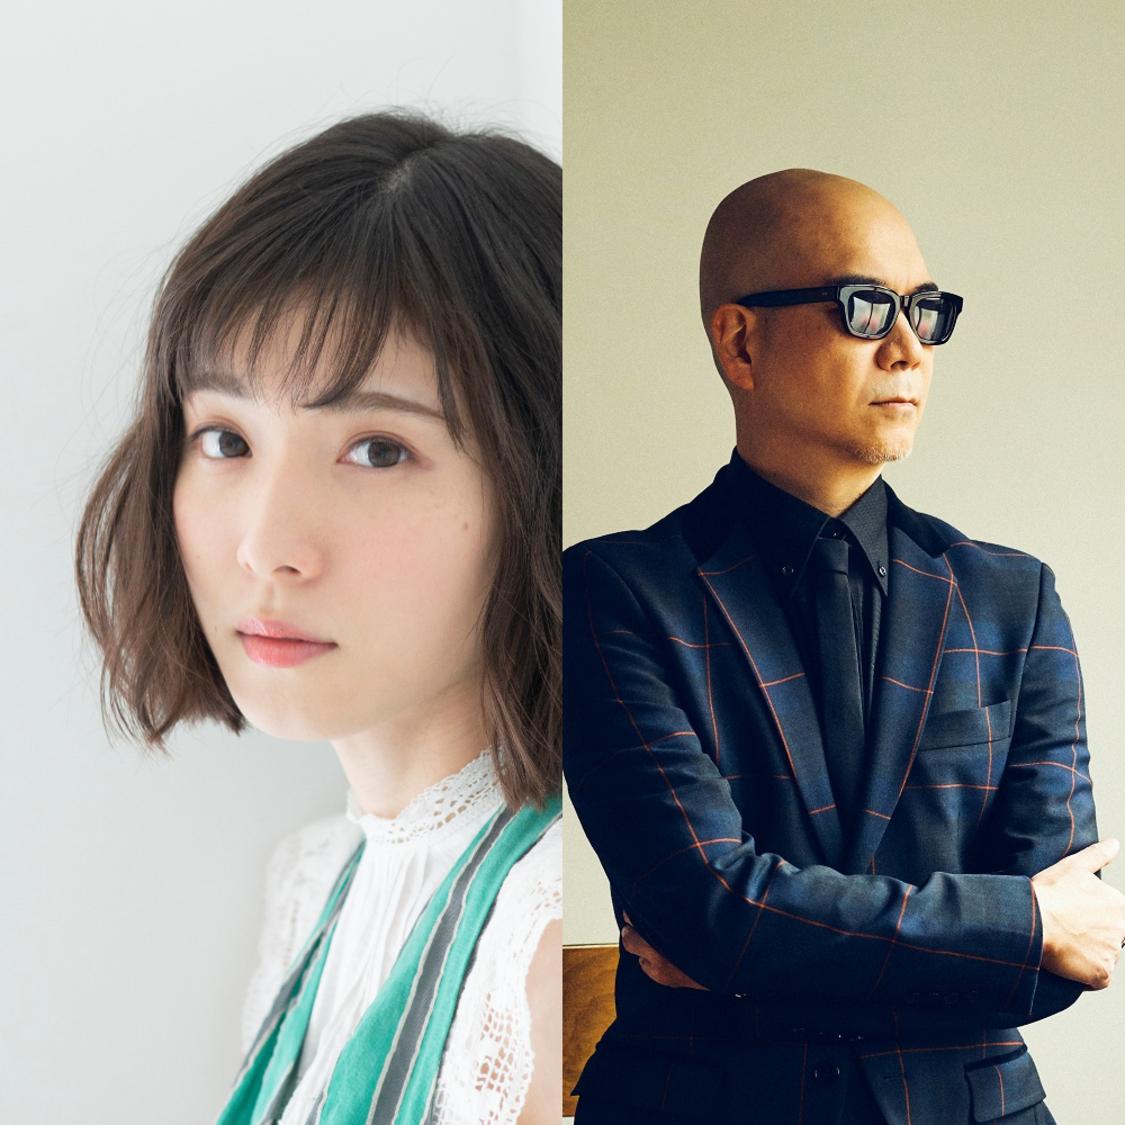 松岡茉優と宇多丸がモーニング娘。を語る!TBSラジオで生放送実現